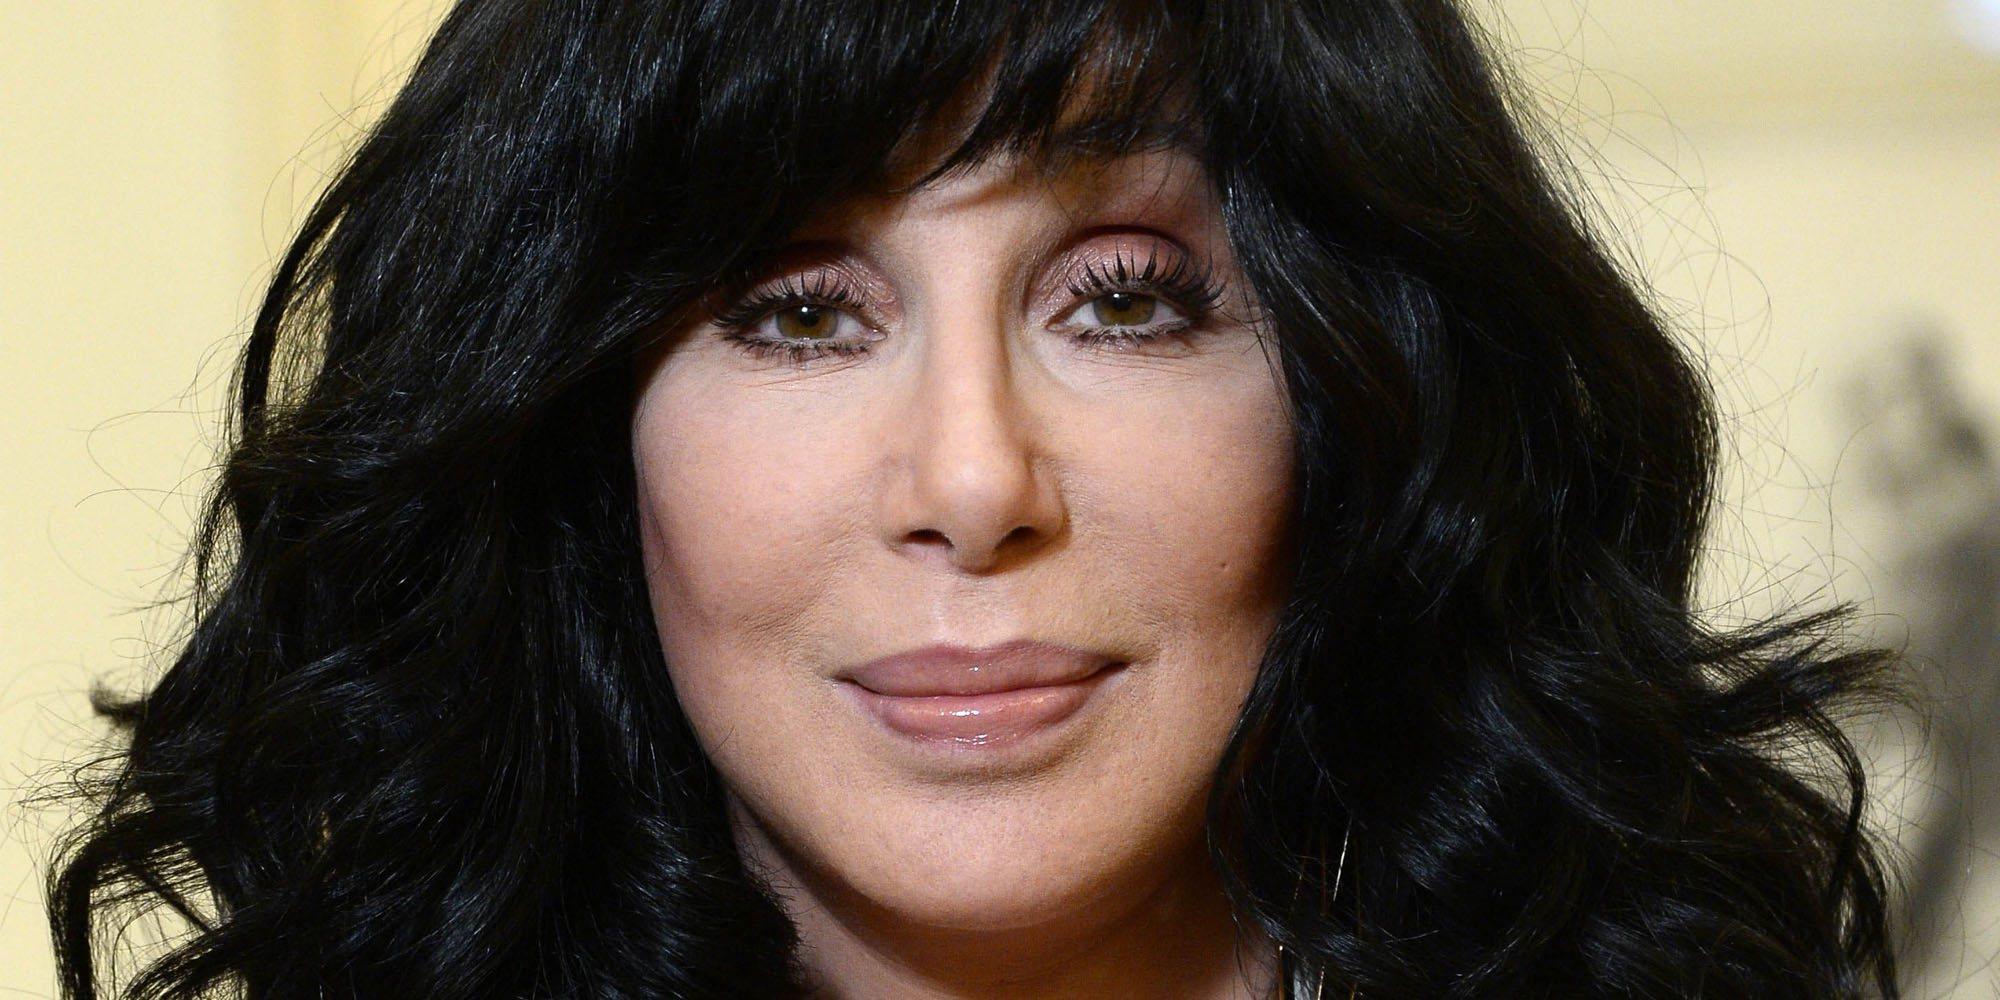 Vuelve Cher: Del éxito de 'Mamma Mia 2' a su disco de versiones de ABBA